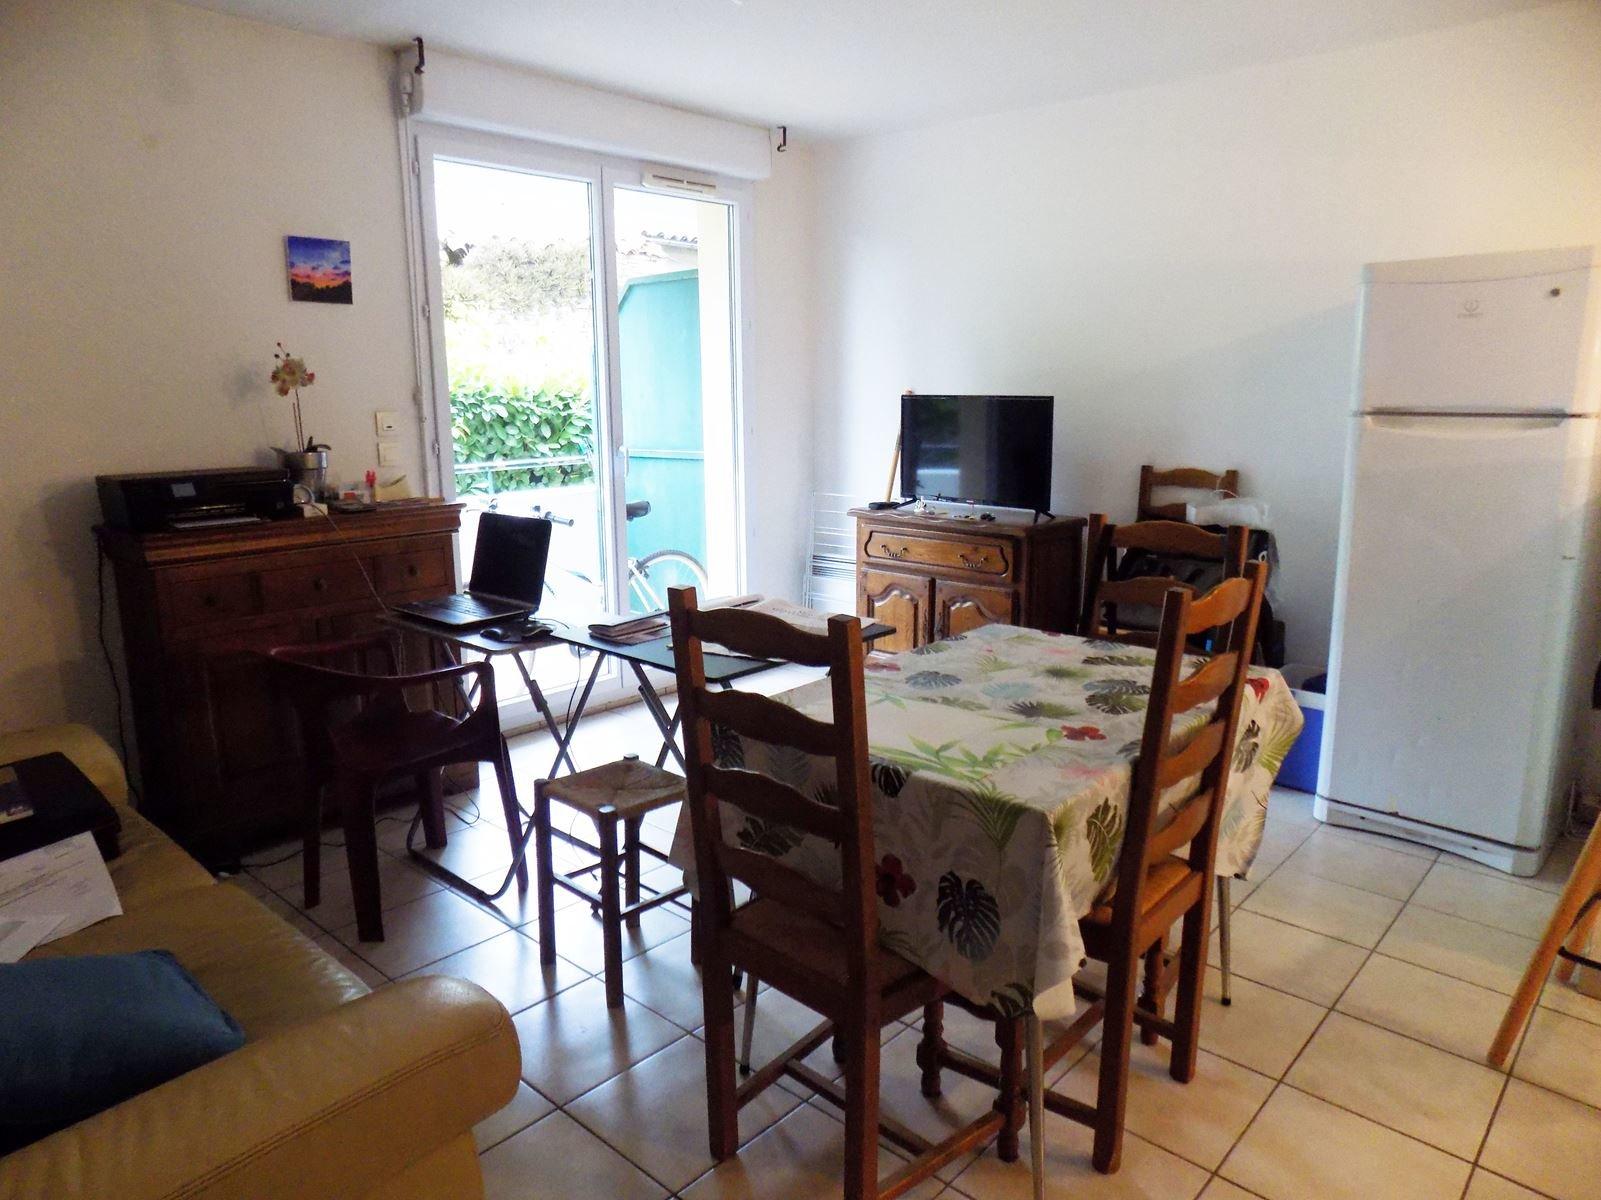 Appartement T2 - 31140 AUCAMVILLE